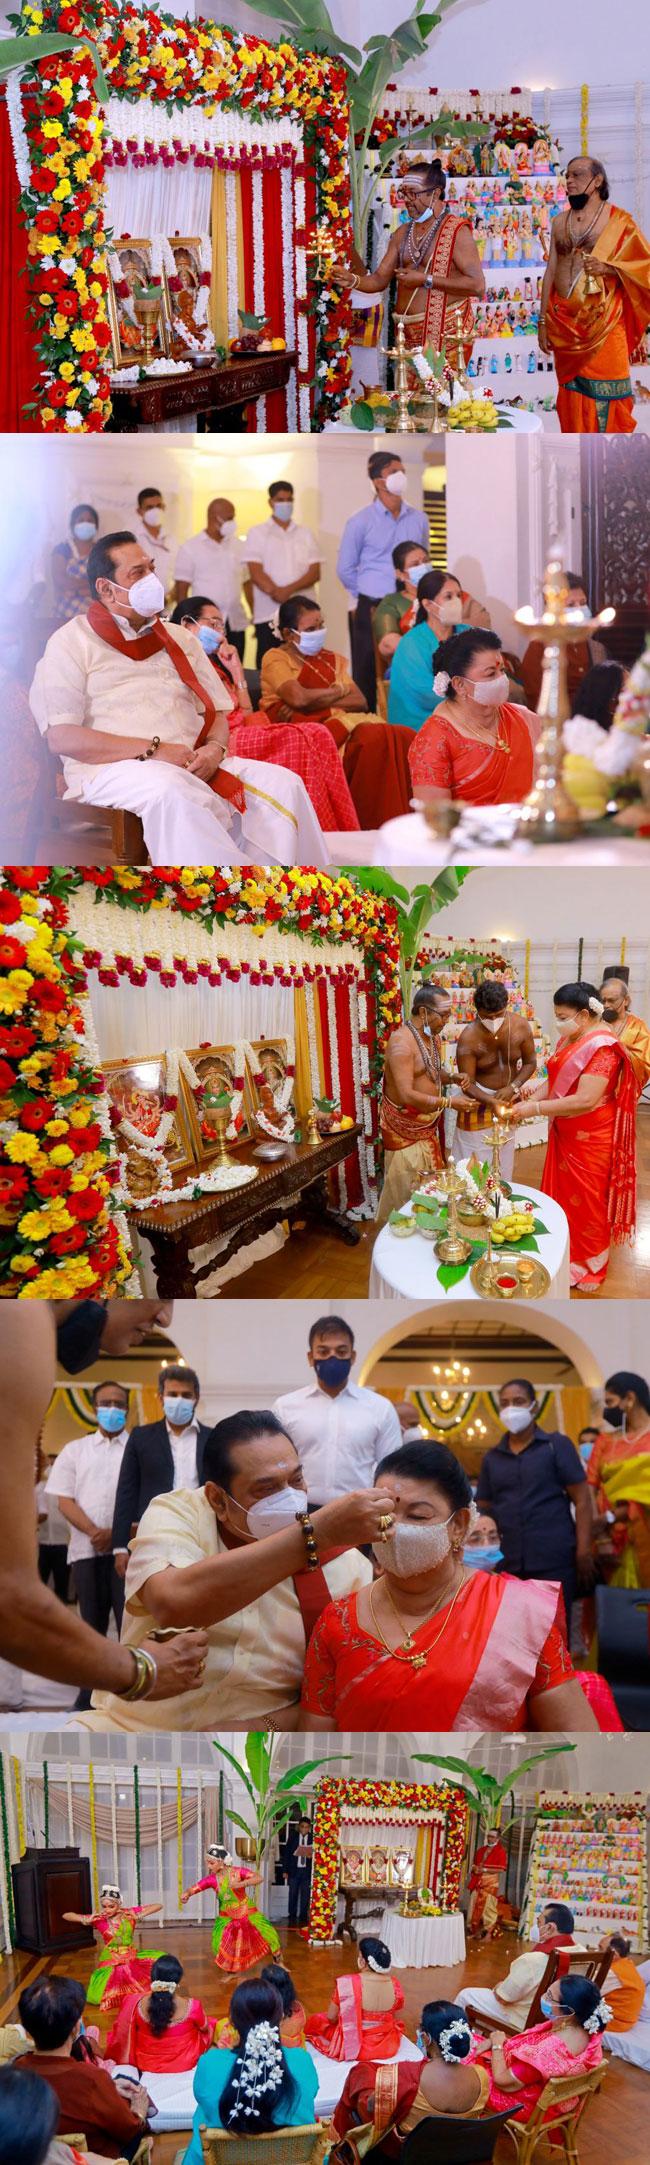 அலரி மாளிகையில் நவராத்திரி விழா!